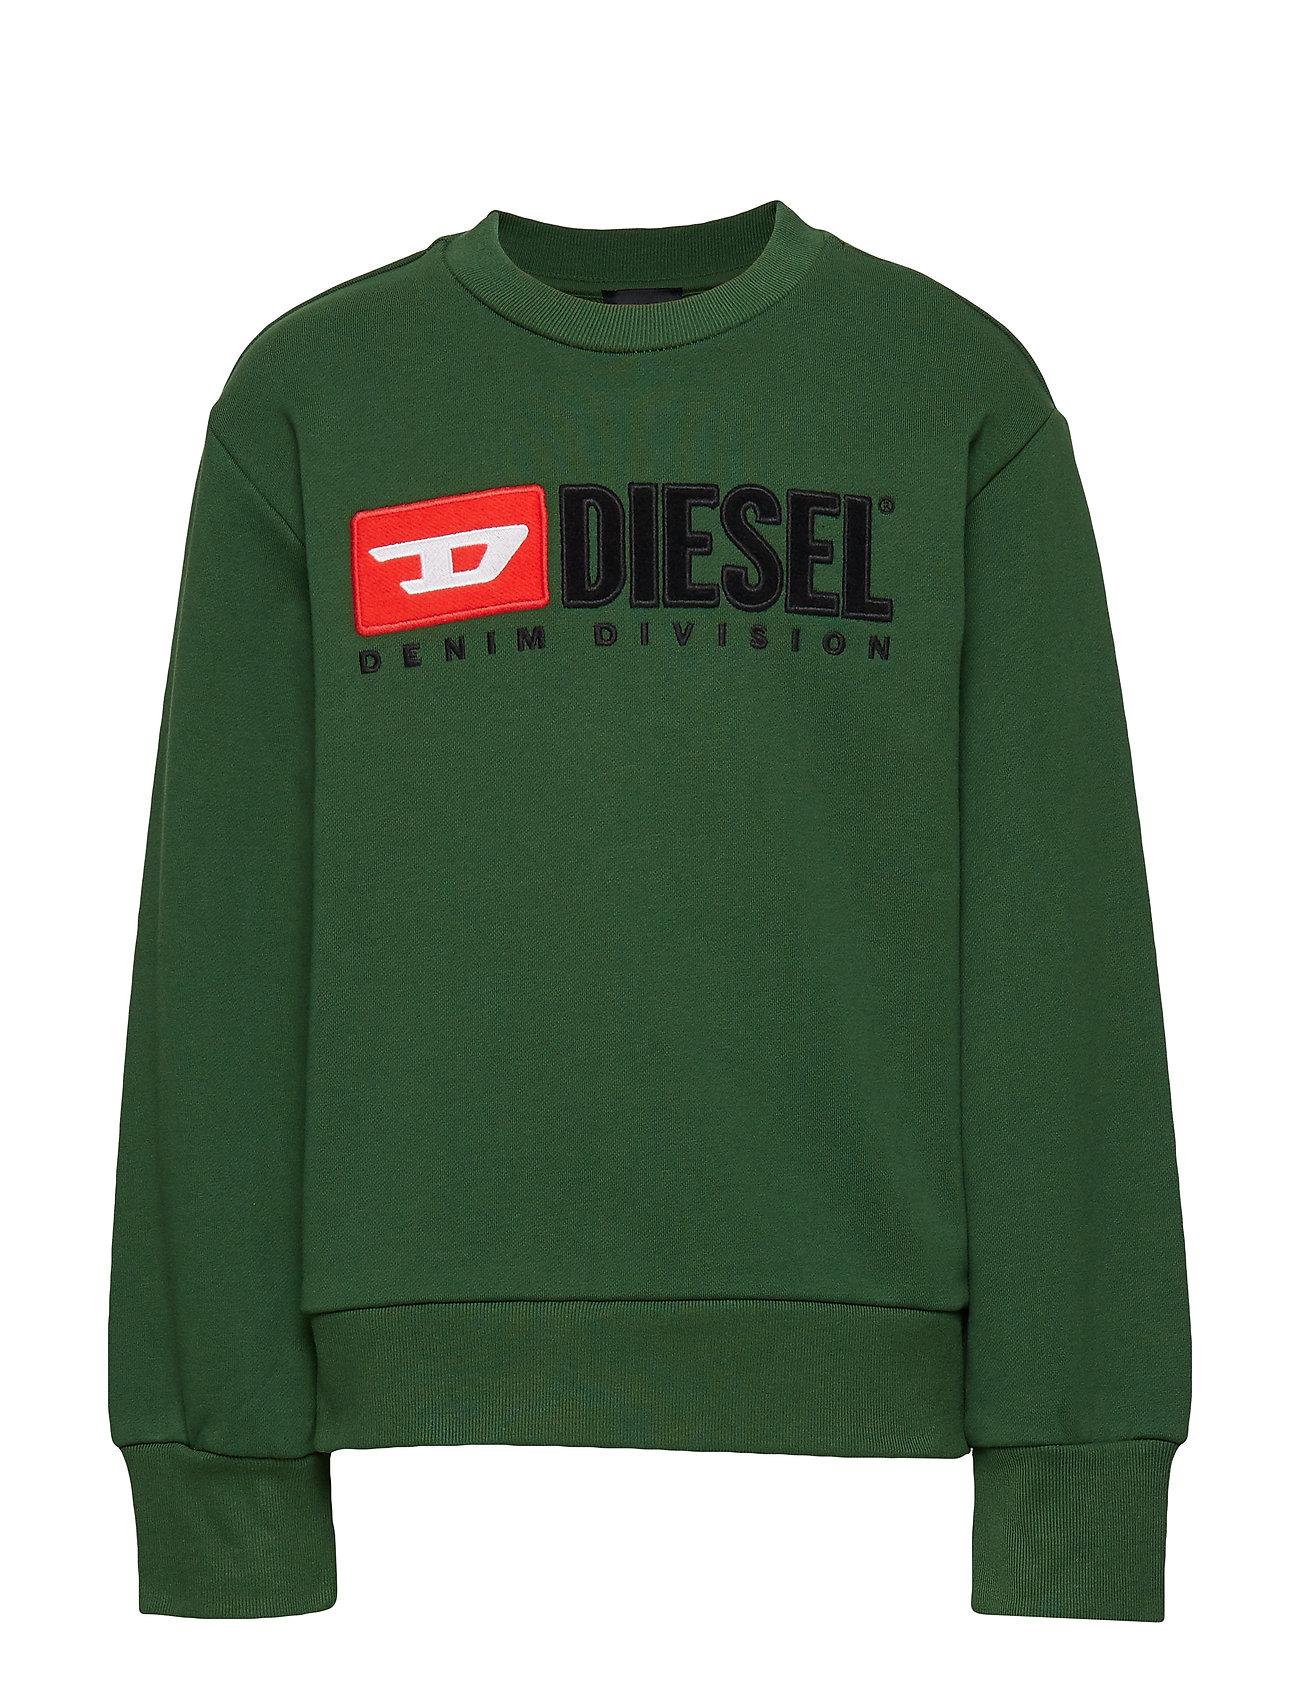 Diesel SCREWDIVISION OVER SWEAT-SHIRT - DARK GREEN